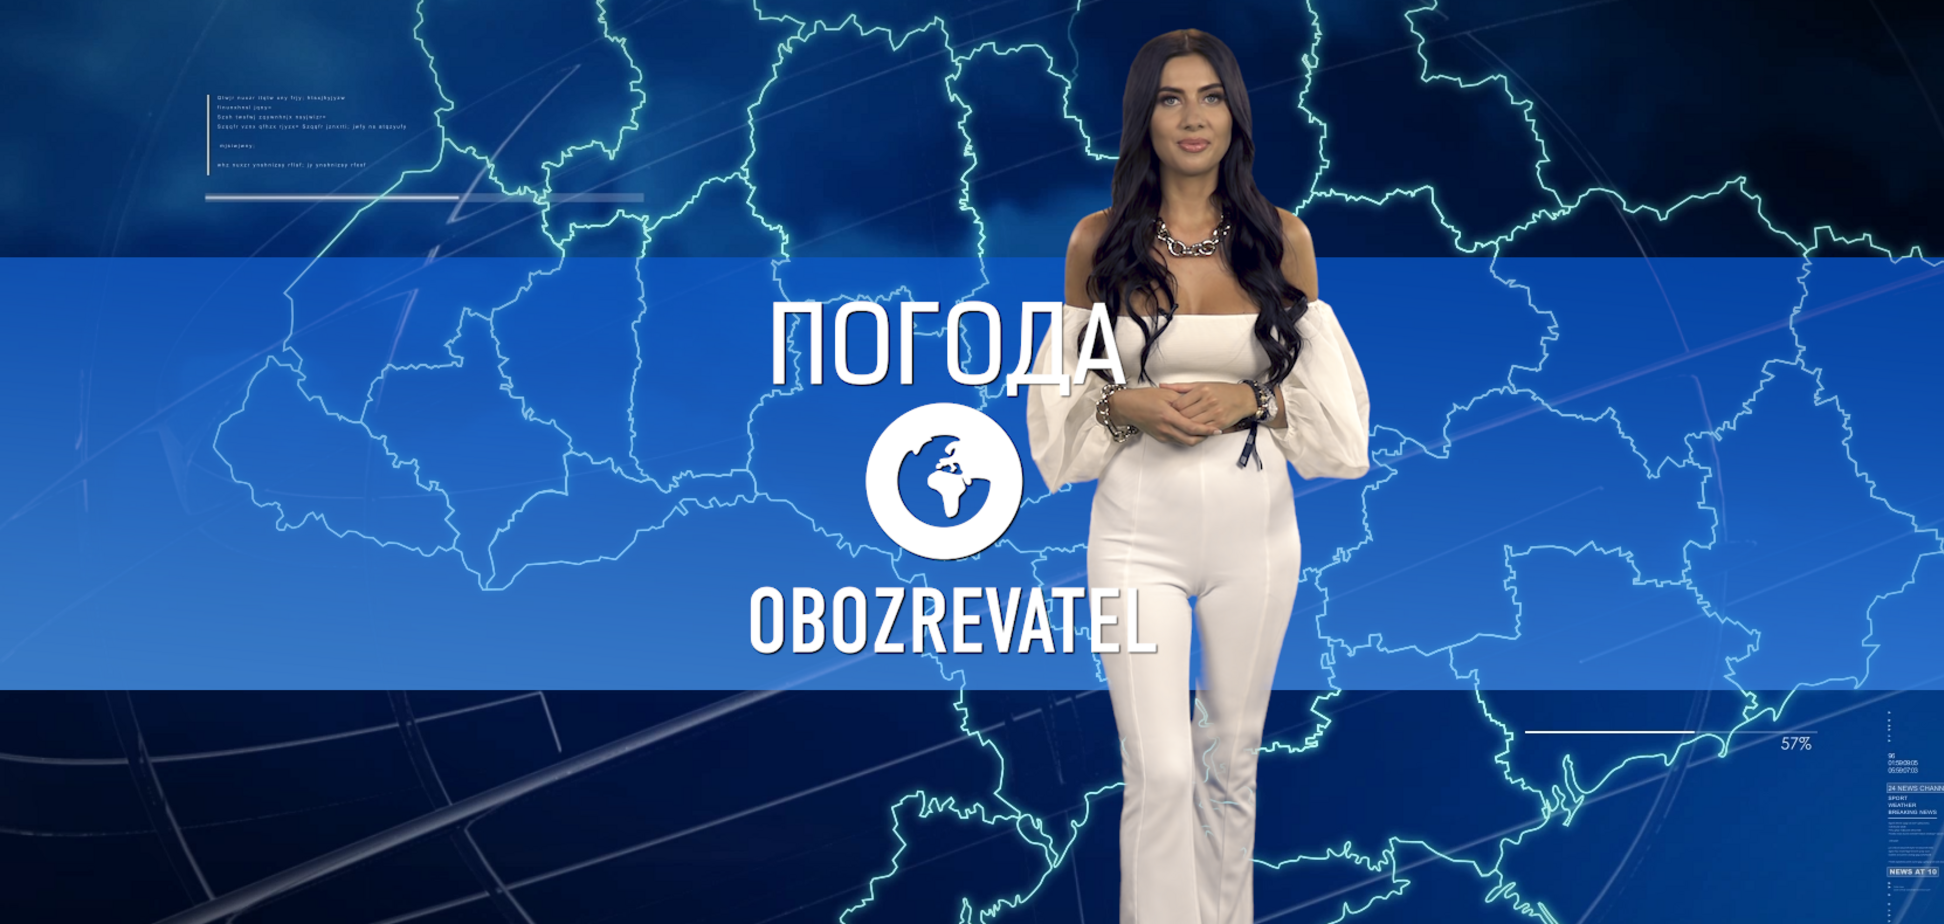 Прогноз погоди в Україні на четвер 10 червня з Алісою Мярковською